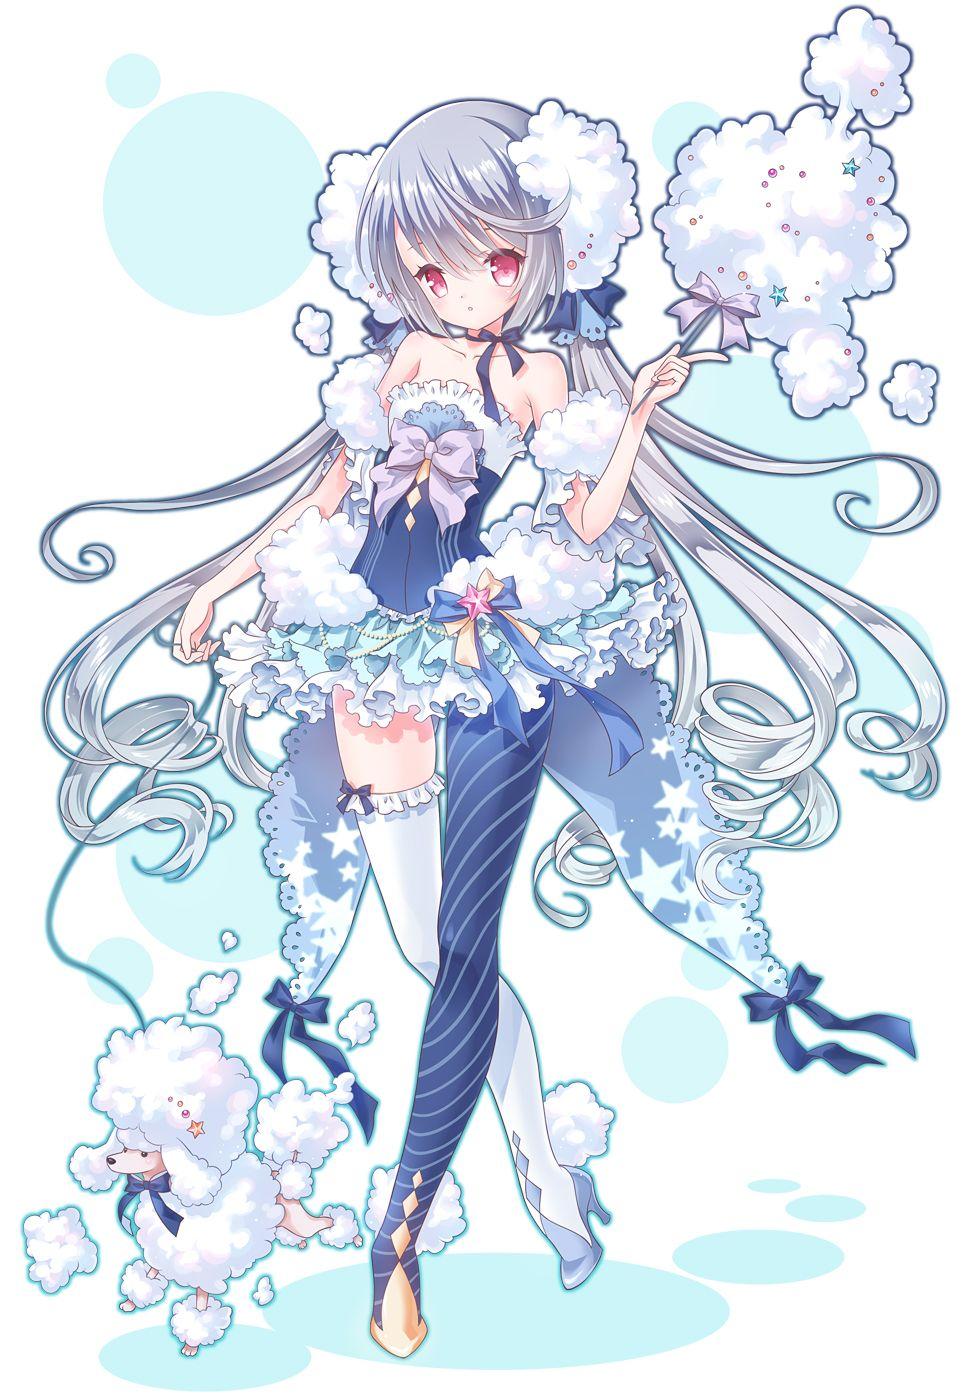 Register Anime Anime Images Anime Art